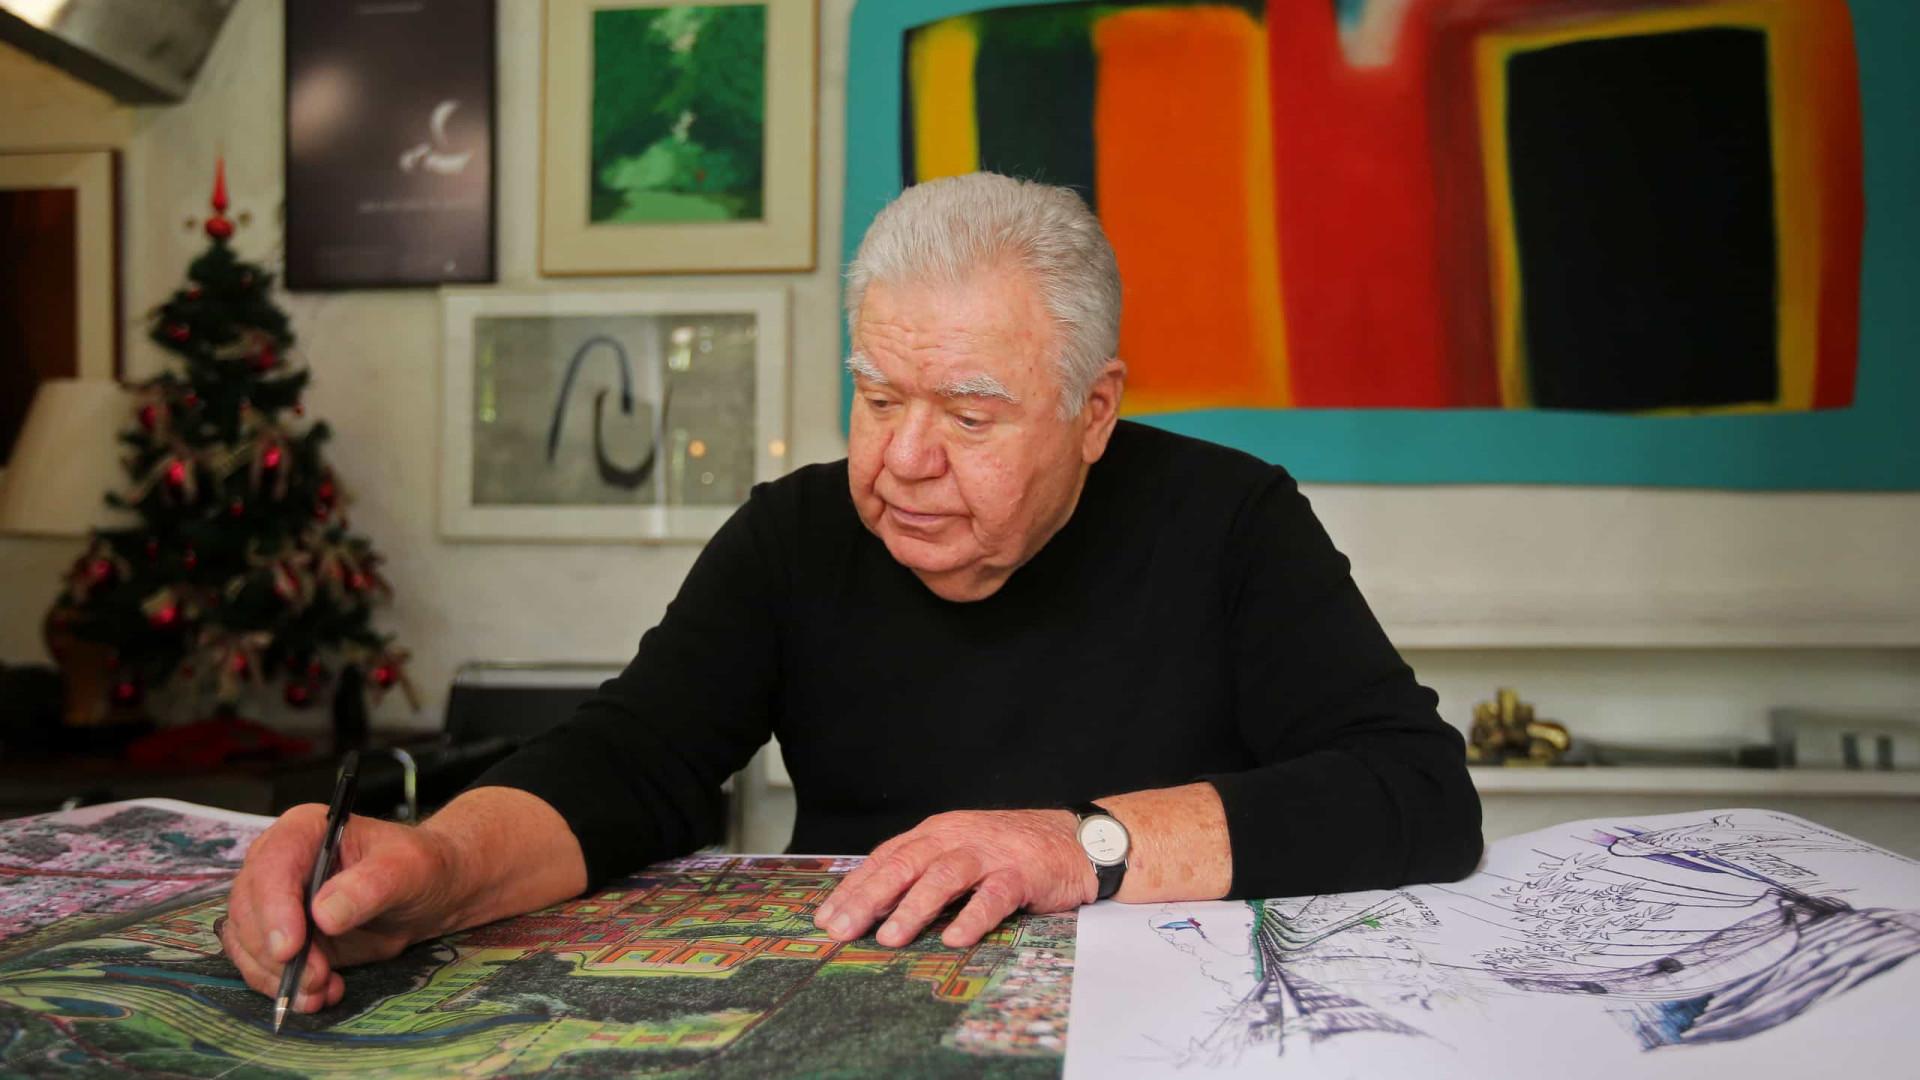 Morre aos 84 anos o ex-governador do Paraná Jaime Lerner